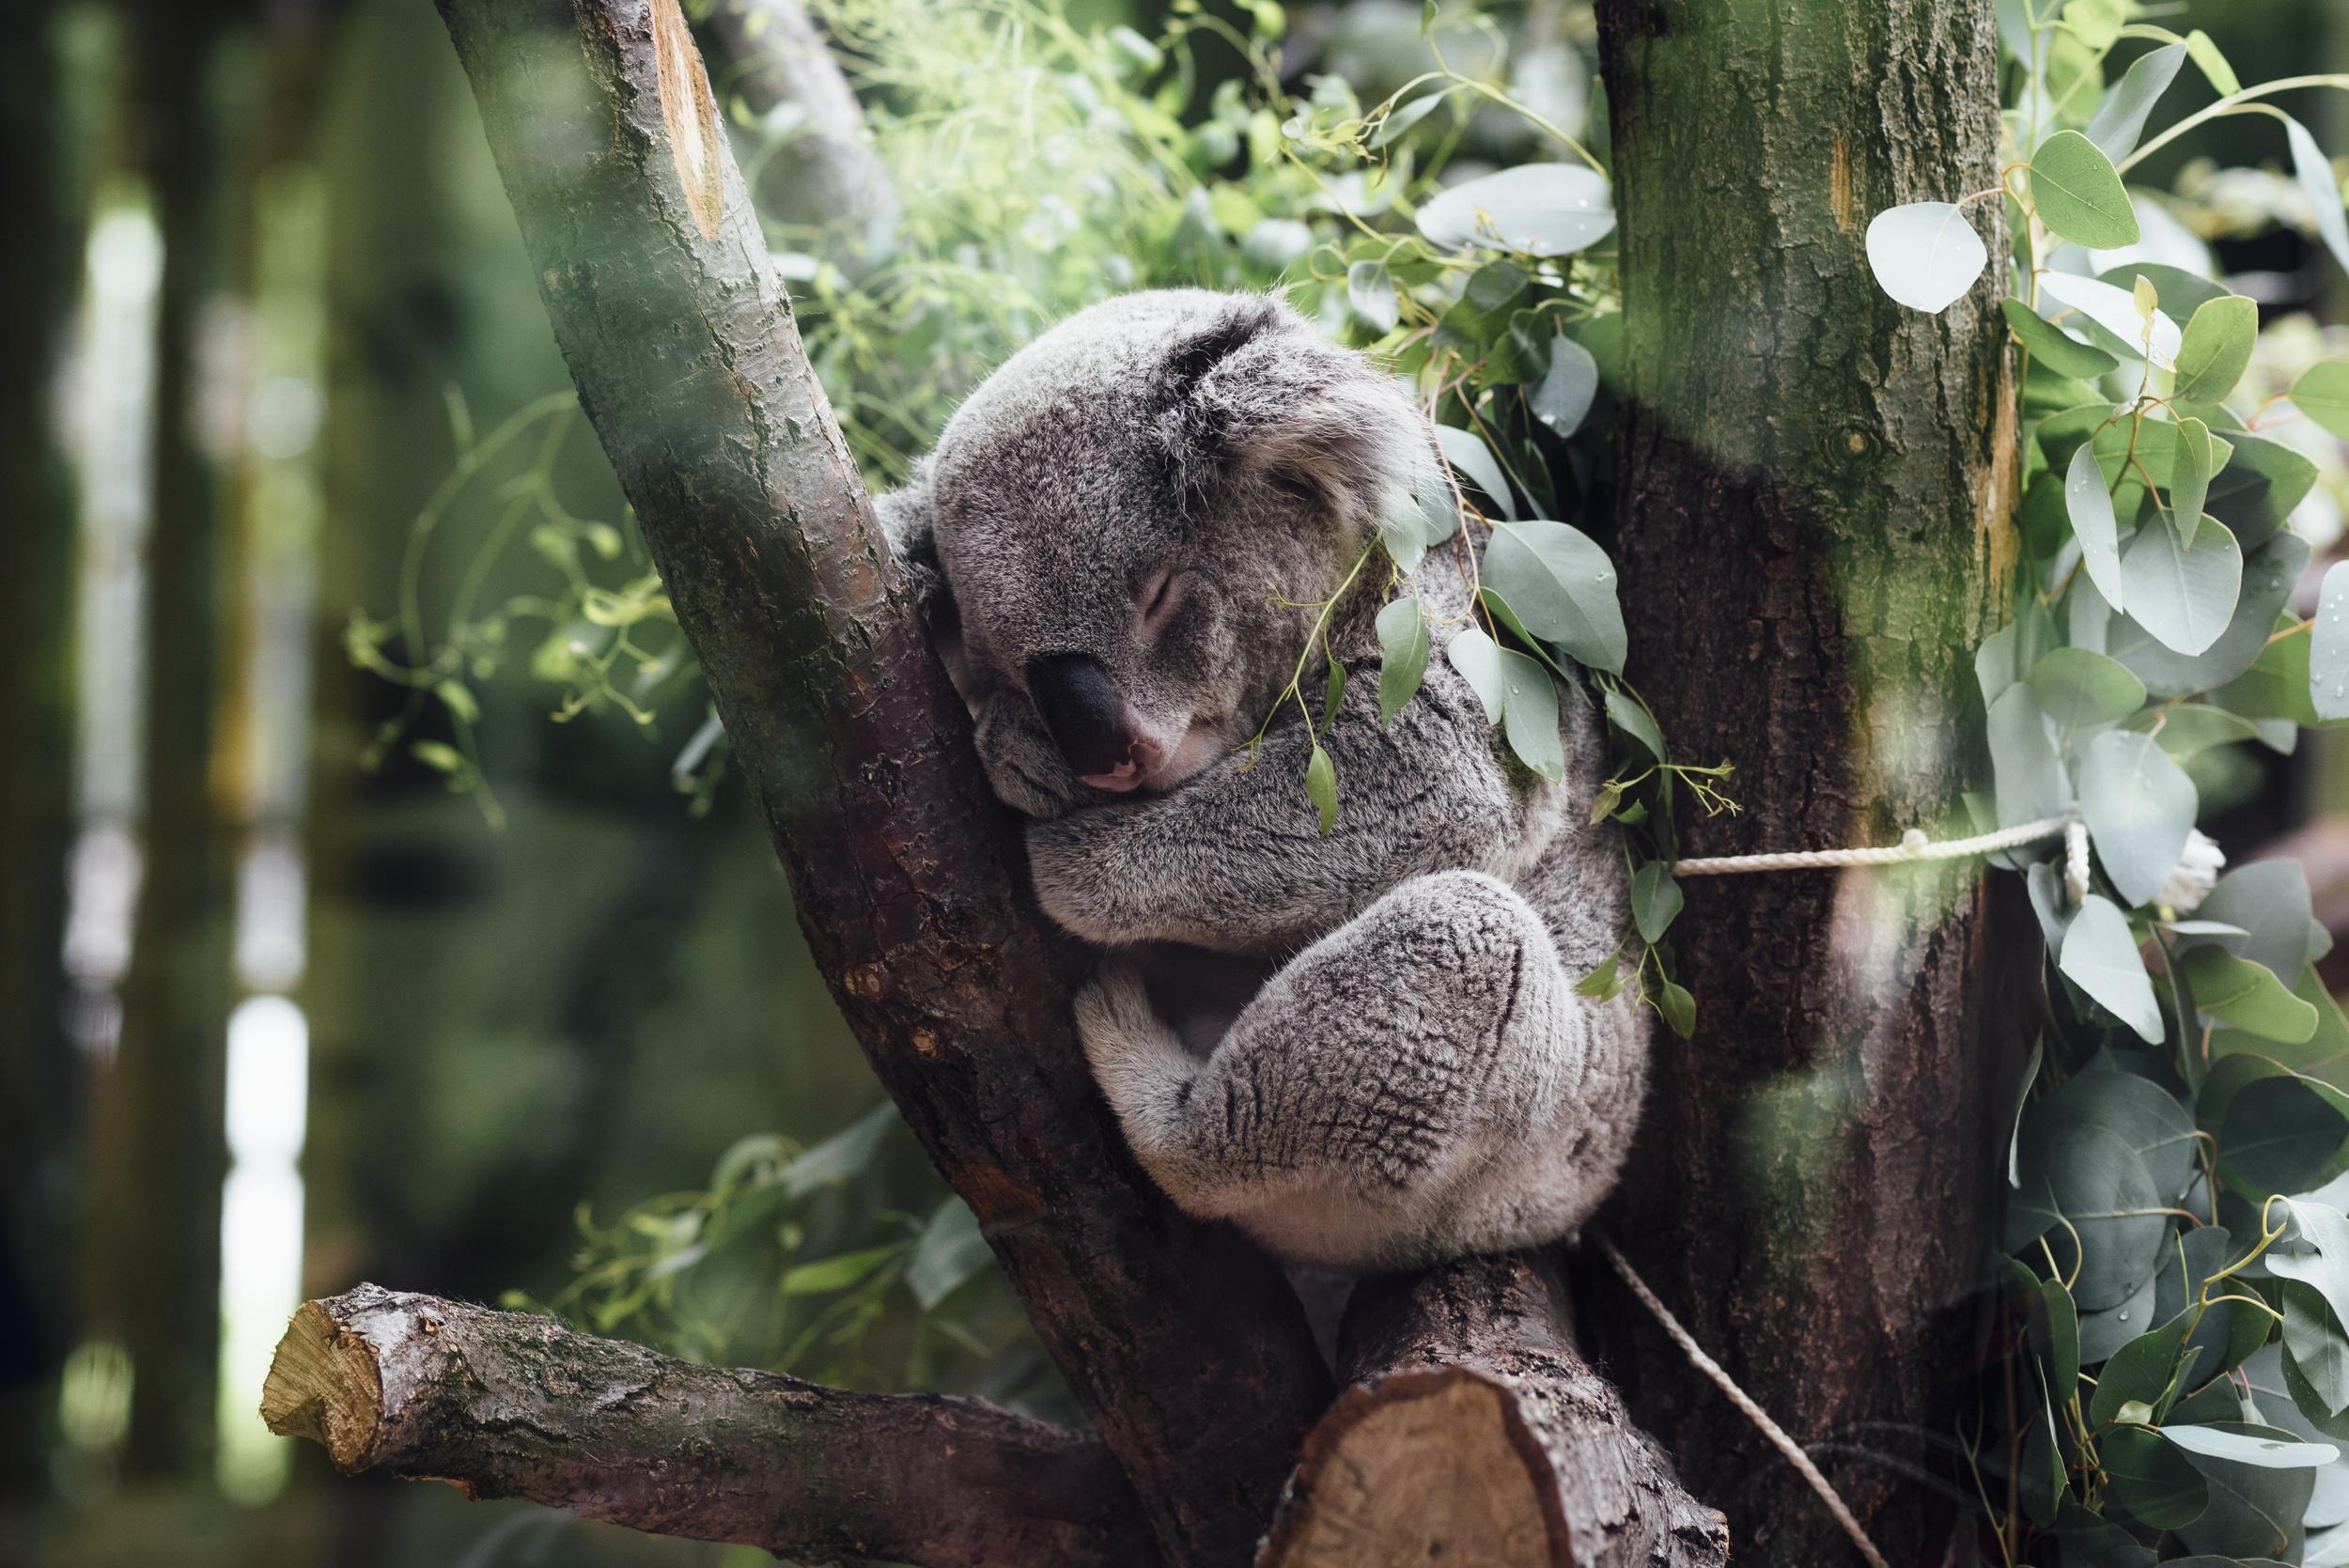 Sweet koalas